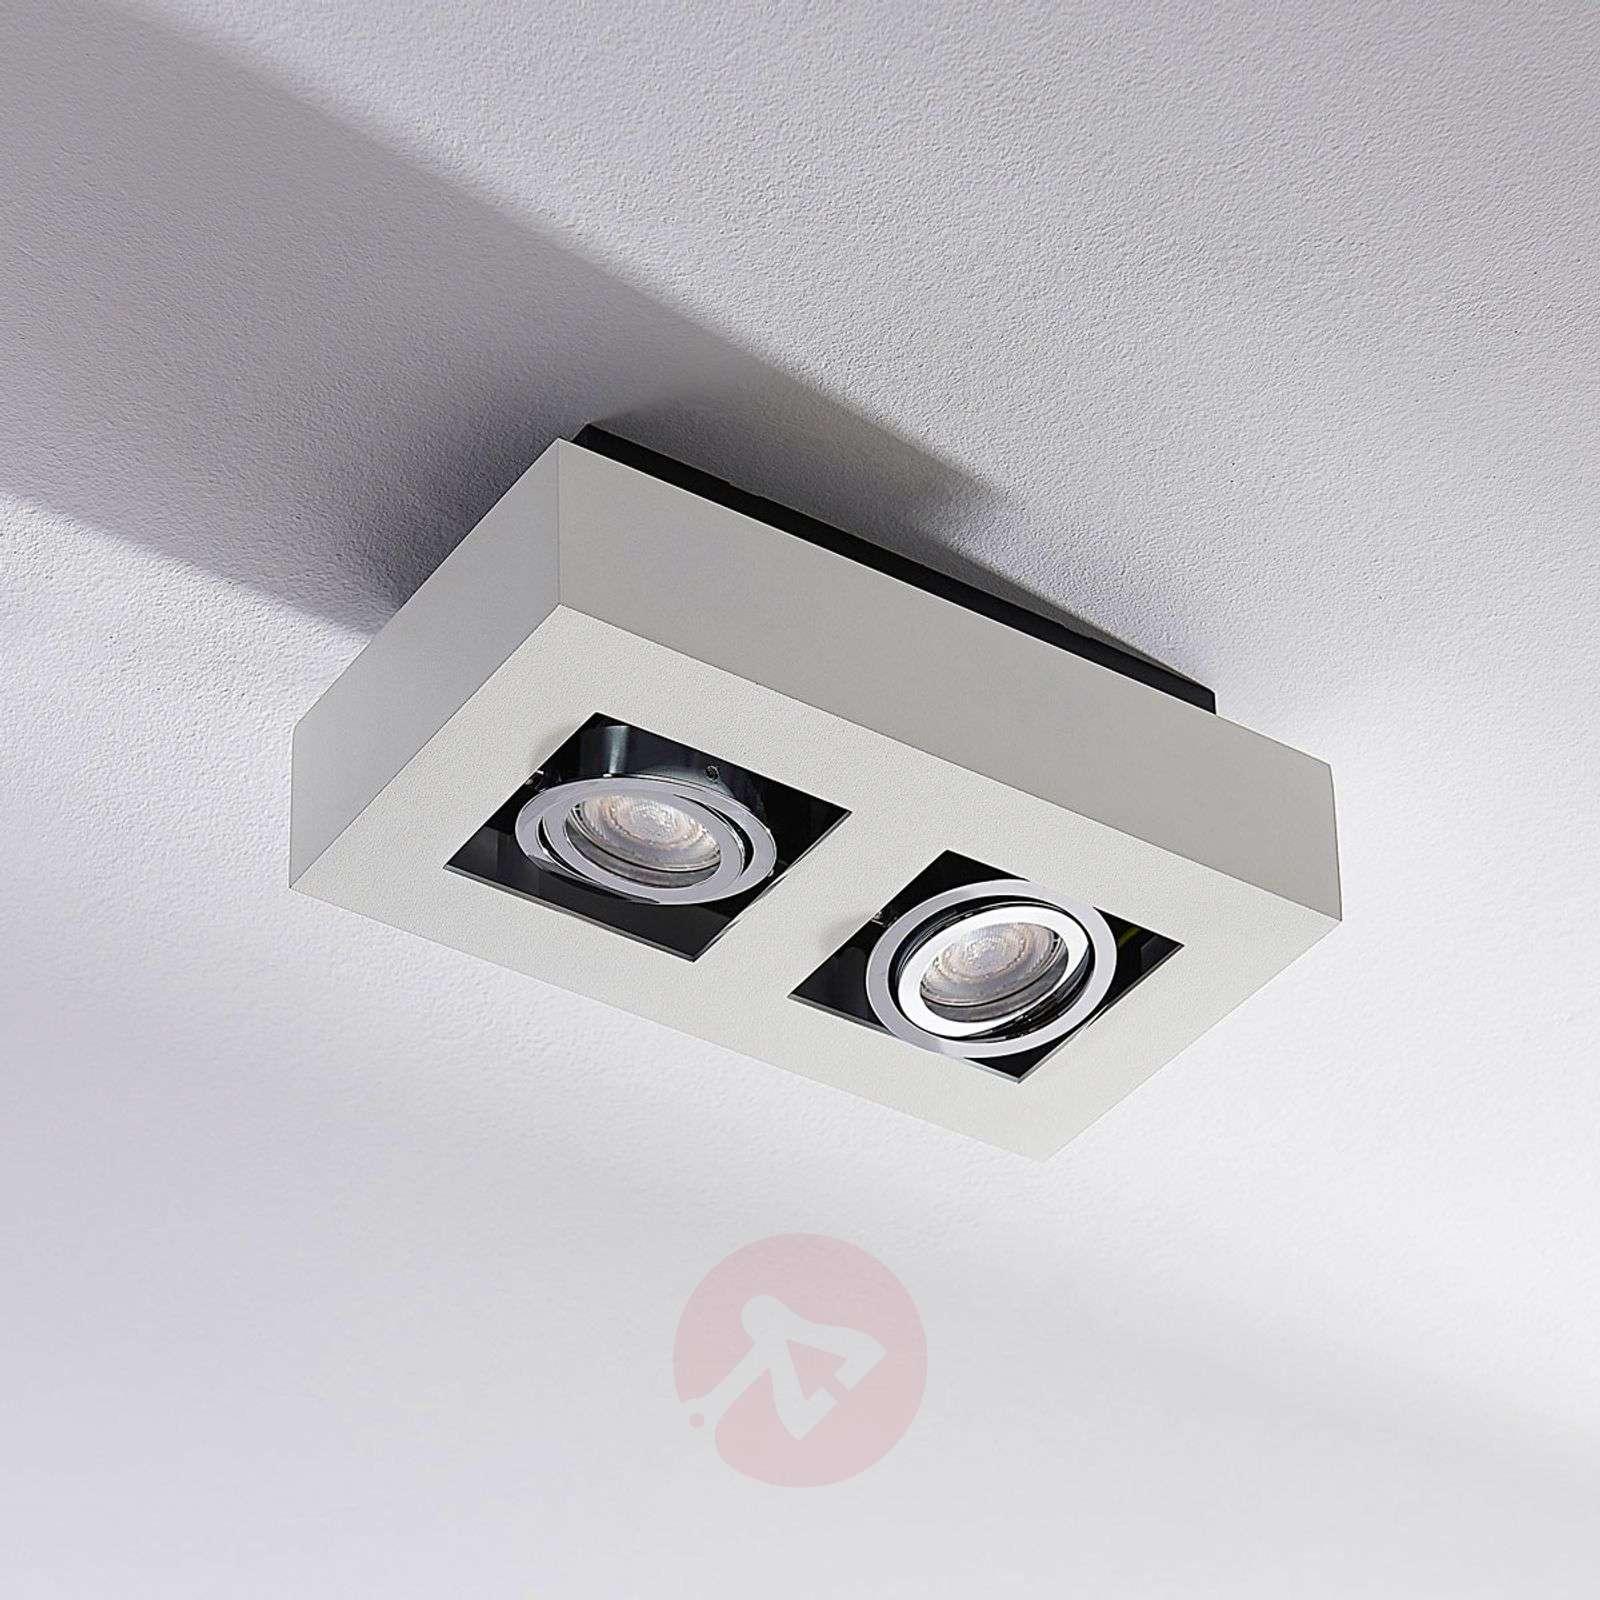 Kaksilamppuinen LED-spotti Vince valkoisena-9620457-01